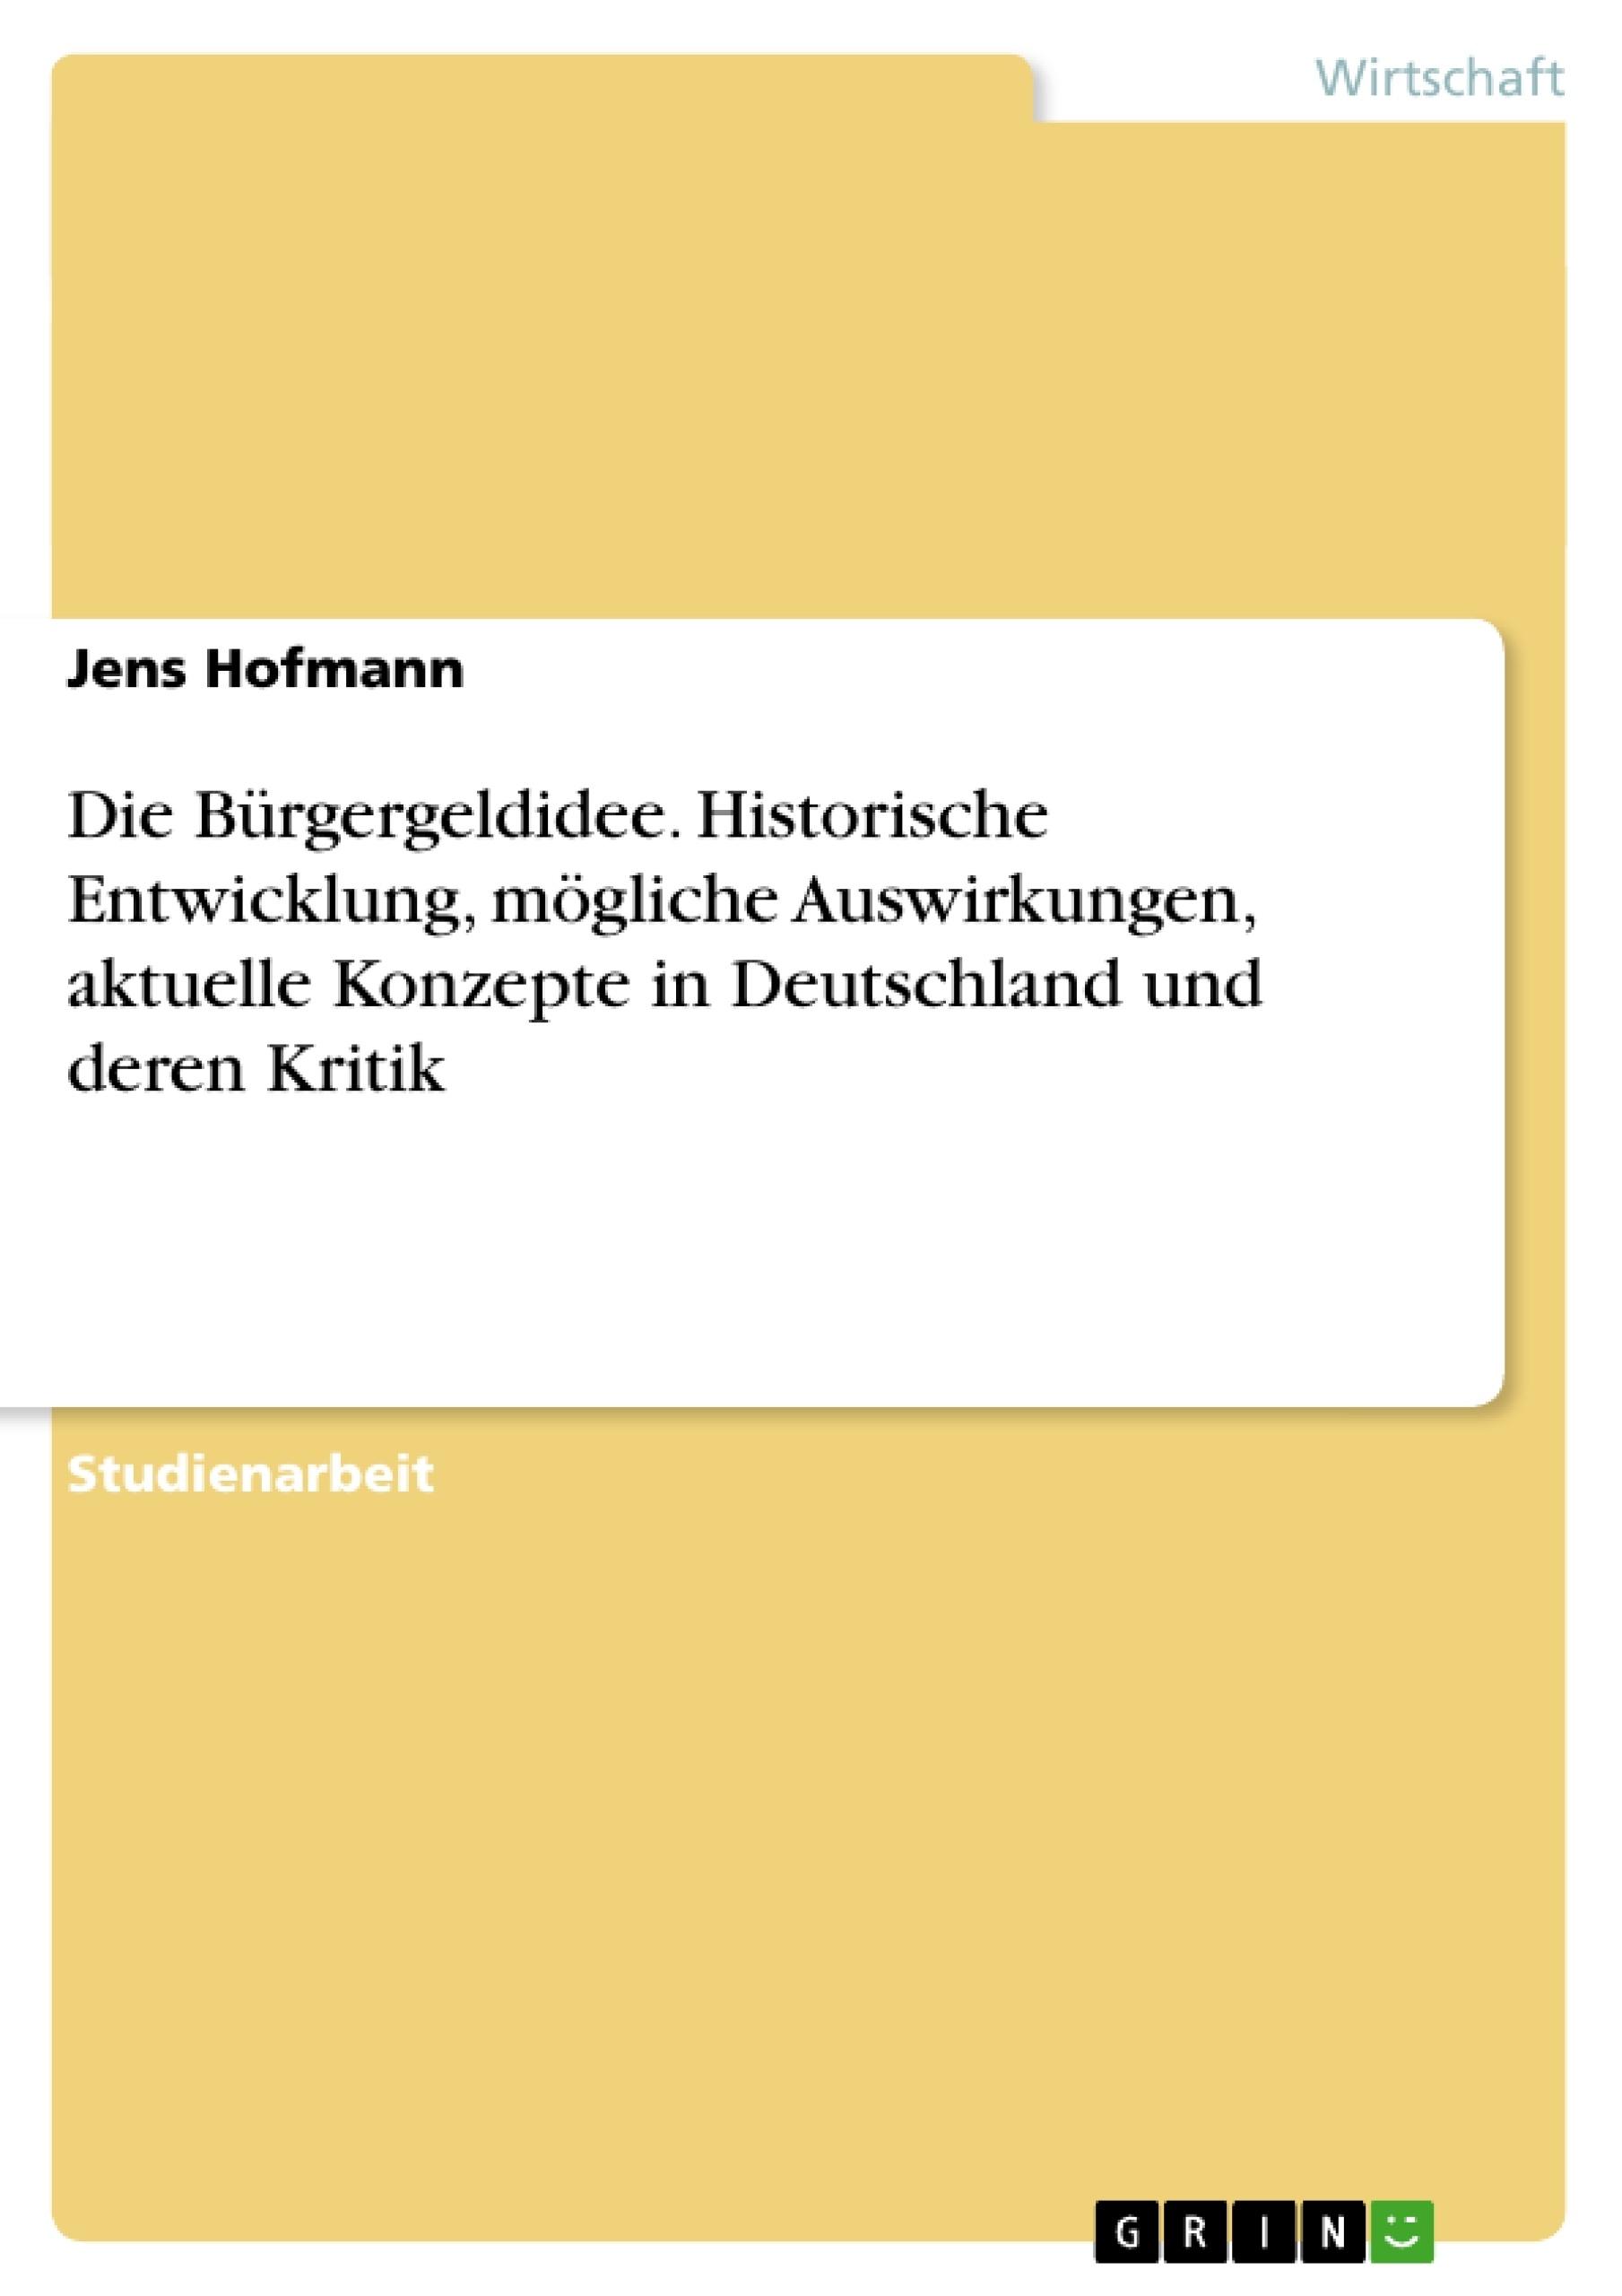 Titel: Die Bürgergeldidee. Historische Entwicklung, mögliche Auswirkungen, aktuelle Konzepte in Deutschland und deren Kritik